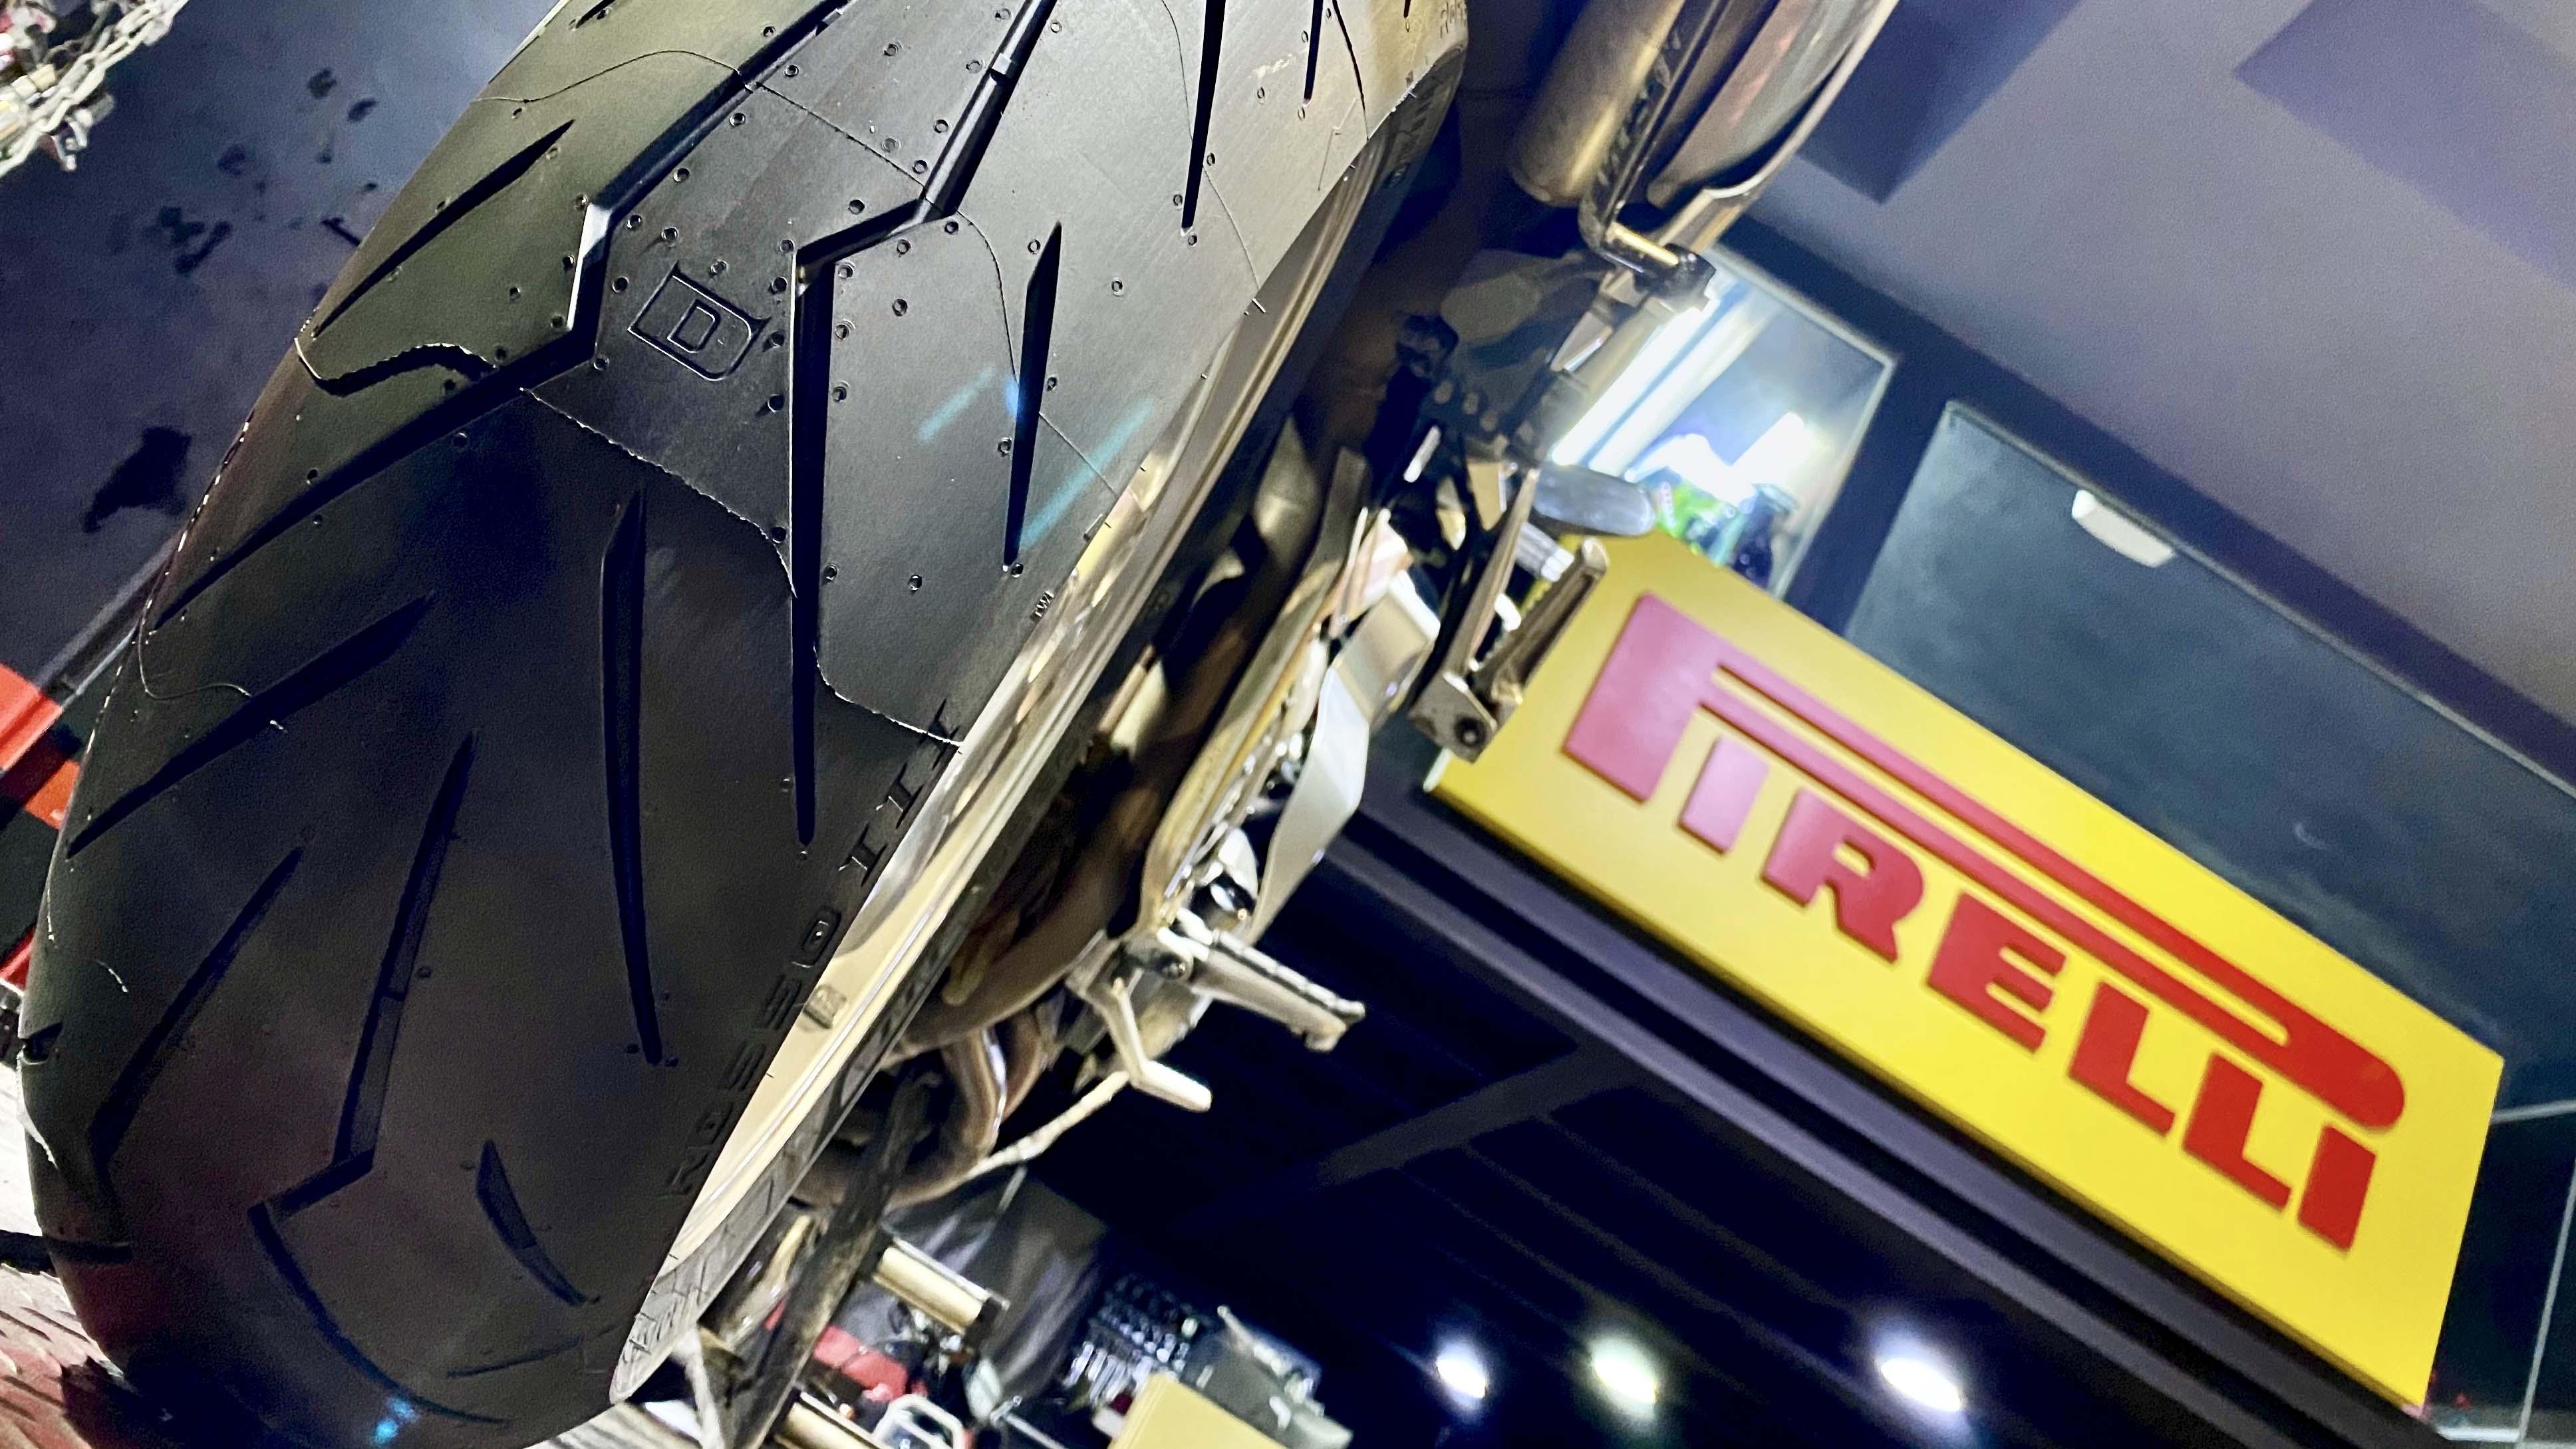 Pirelli 重車胎刮刮樂活動接近尾聲,可是大獎未刮出!騎士快把握!